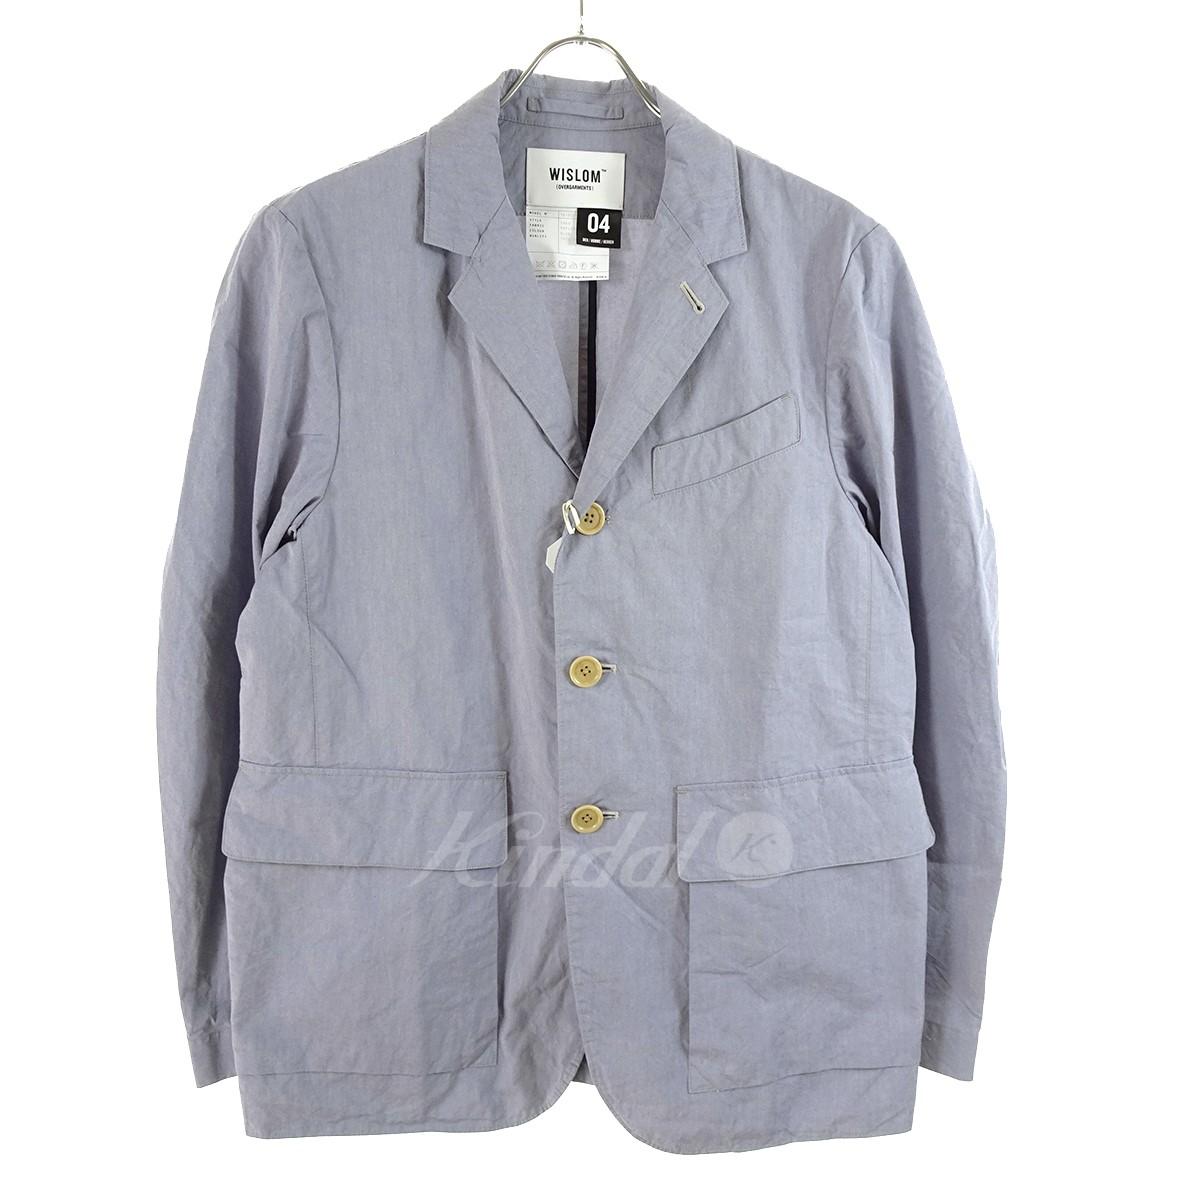 【中古】WISLOM THEO ワークジャケット 18SS ブルー サイズ:4 【240519】(ウィズロム)